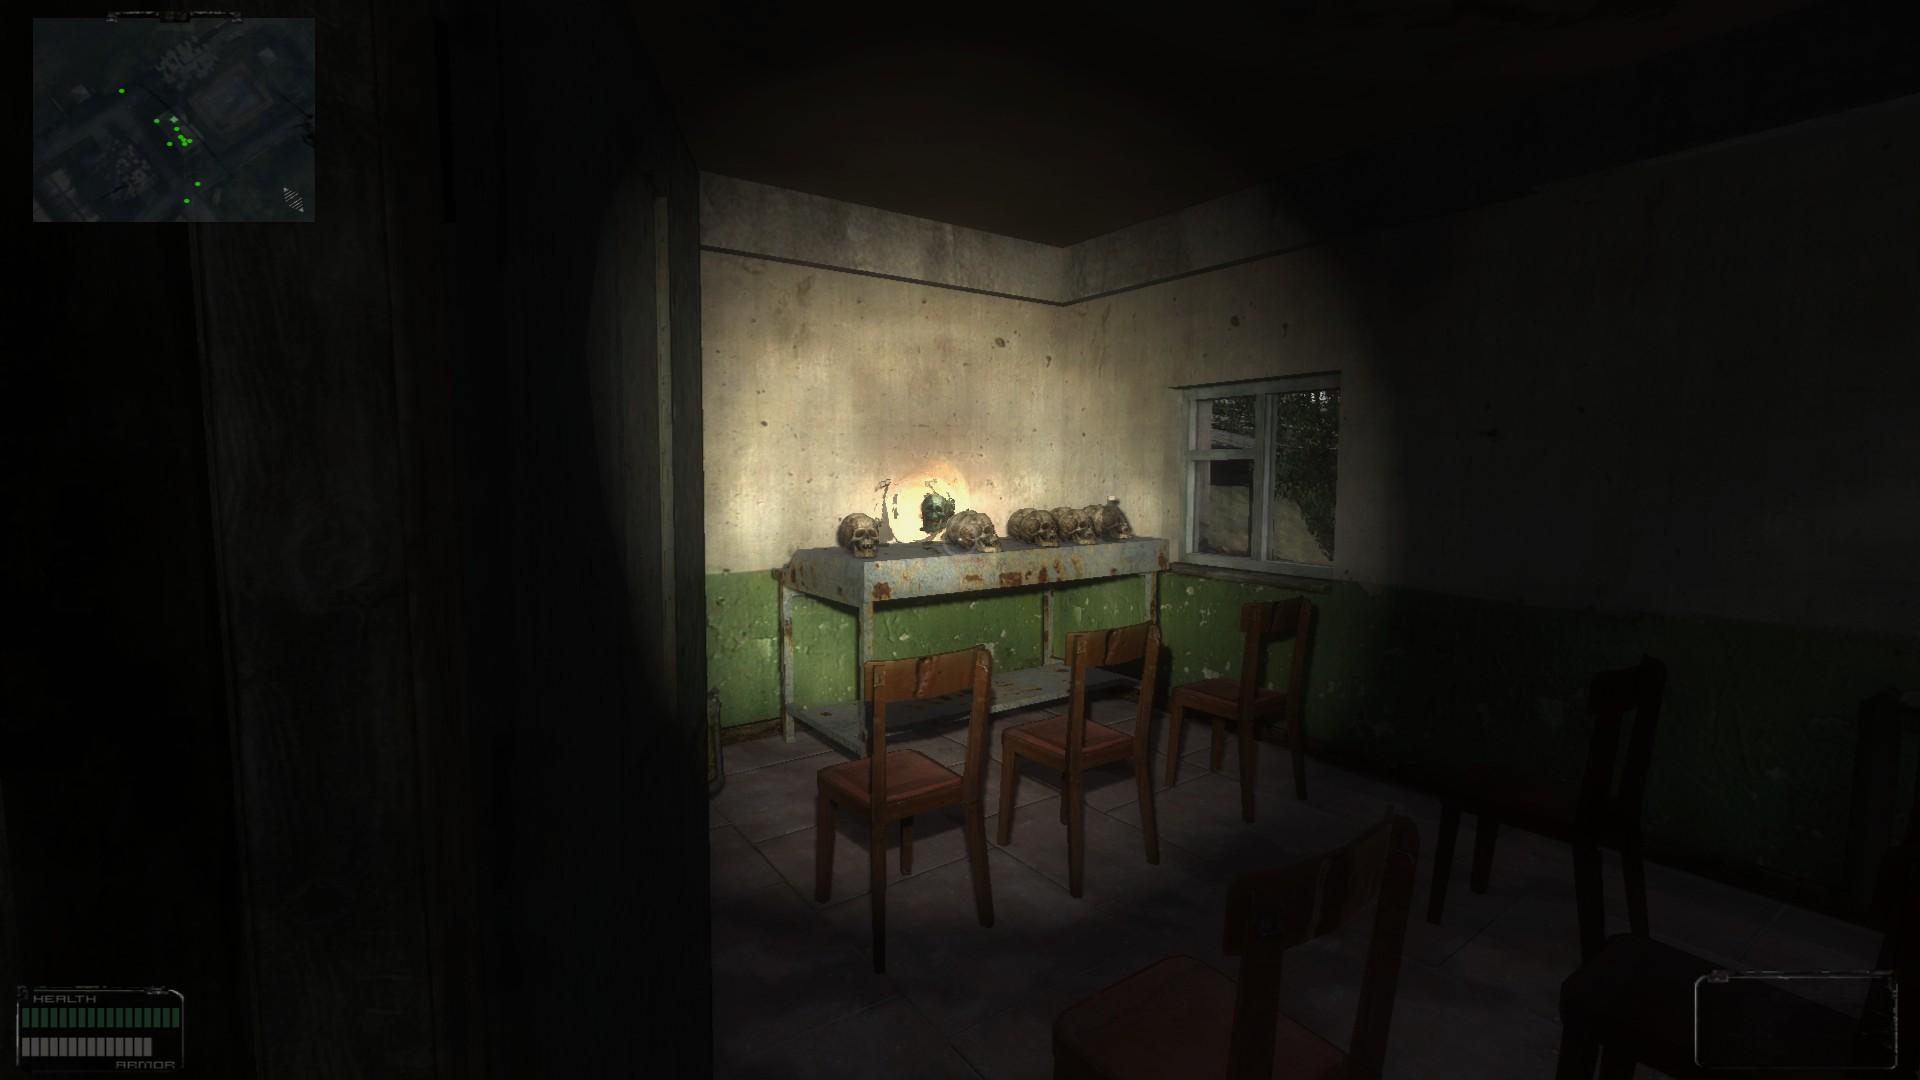 Oblivion Lost Remake 2.5 image 391